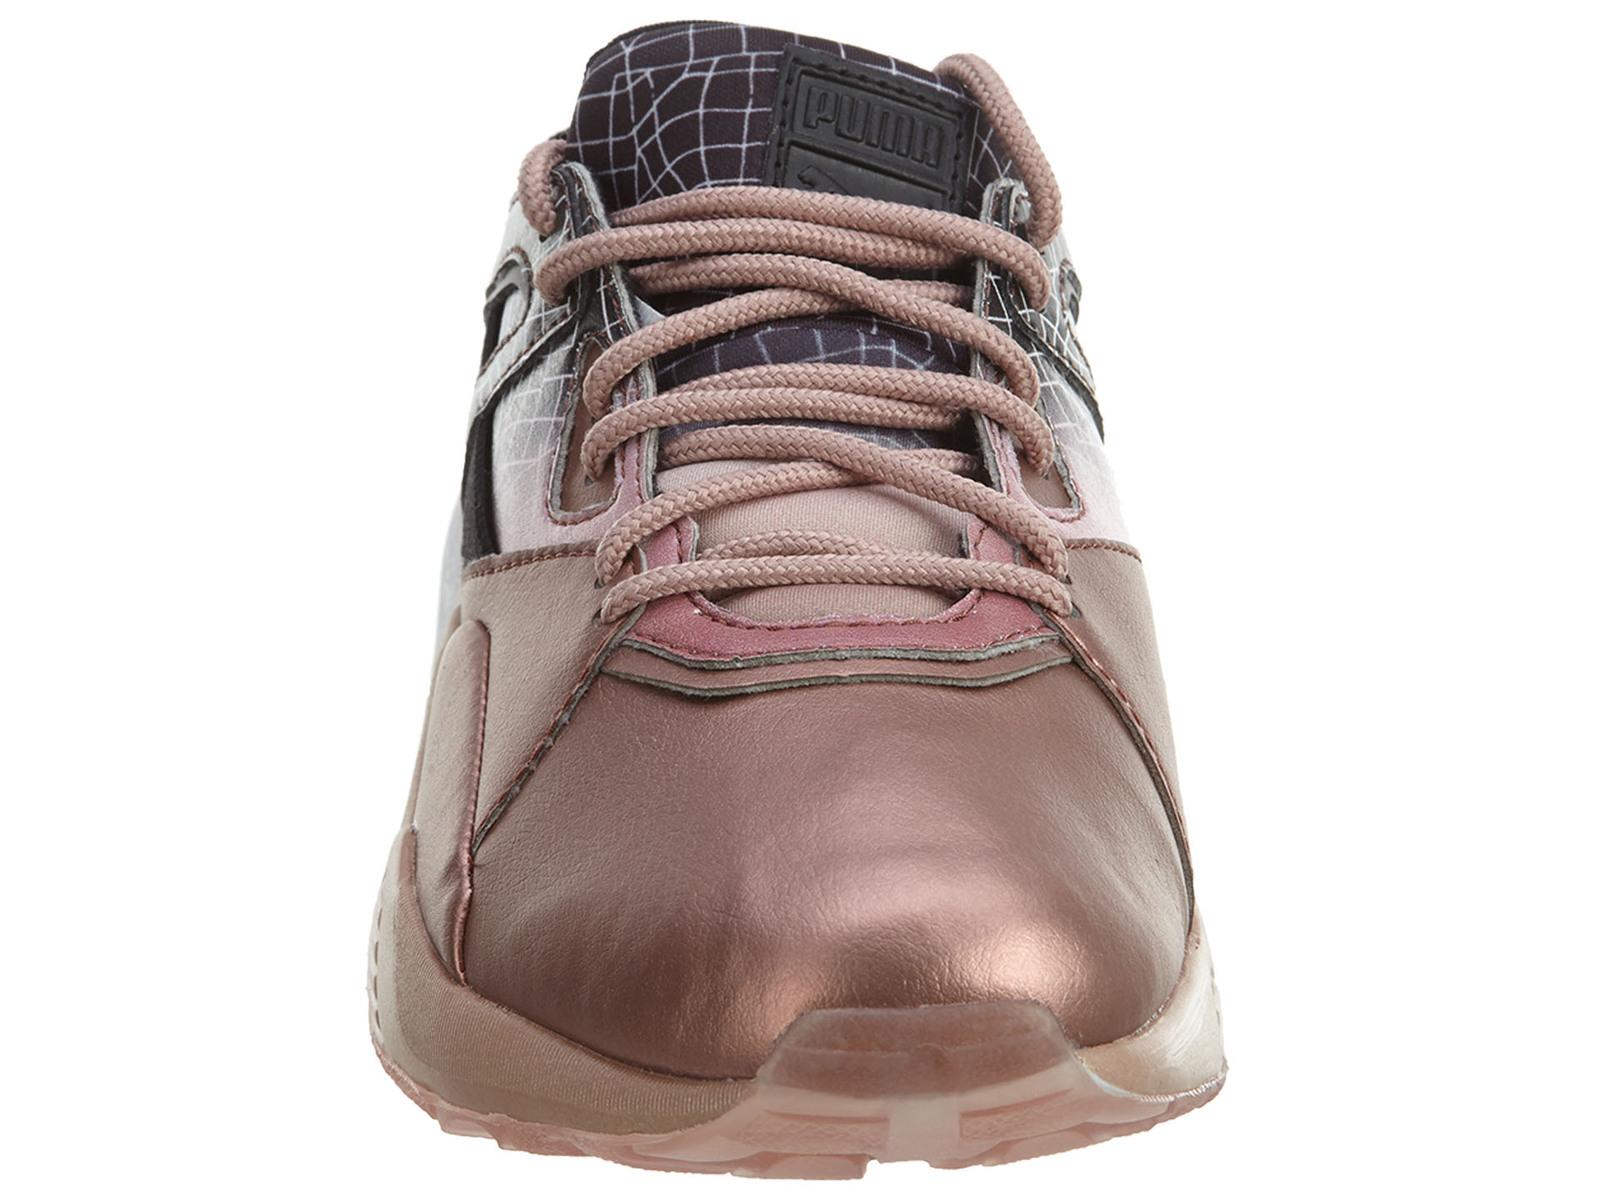 d6ab258fc3a Puma Puma Bog Sock RG Cross Trainer Shoe Womens Style   362870